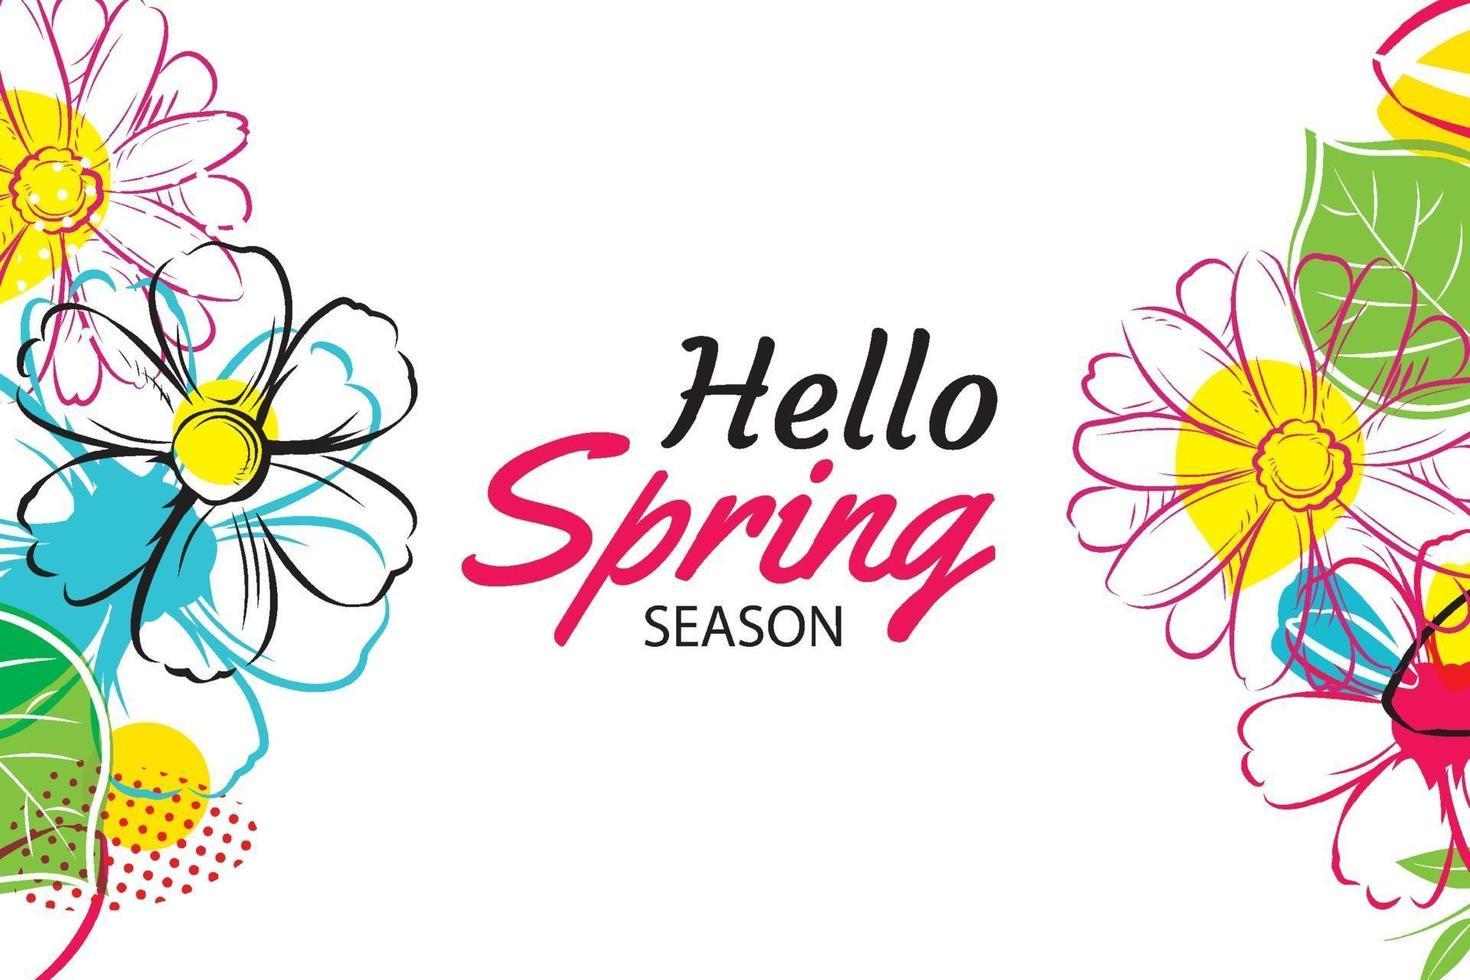 Olá modelo de banner de primavera com flores coloridas. pode ser usado para voucher, papel de parede, panfletos, convite, cartazes, brochura, desconto de cupom. vetor